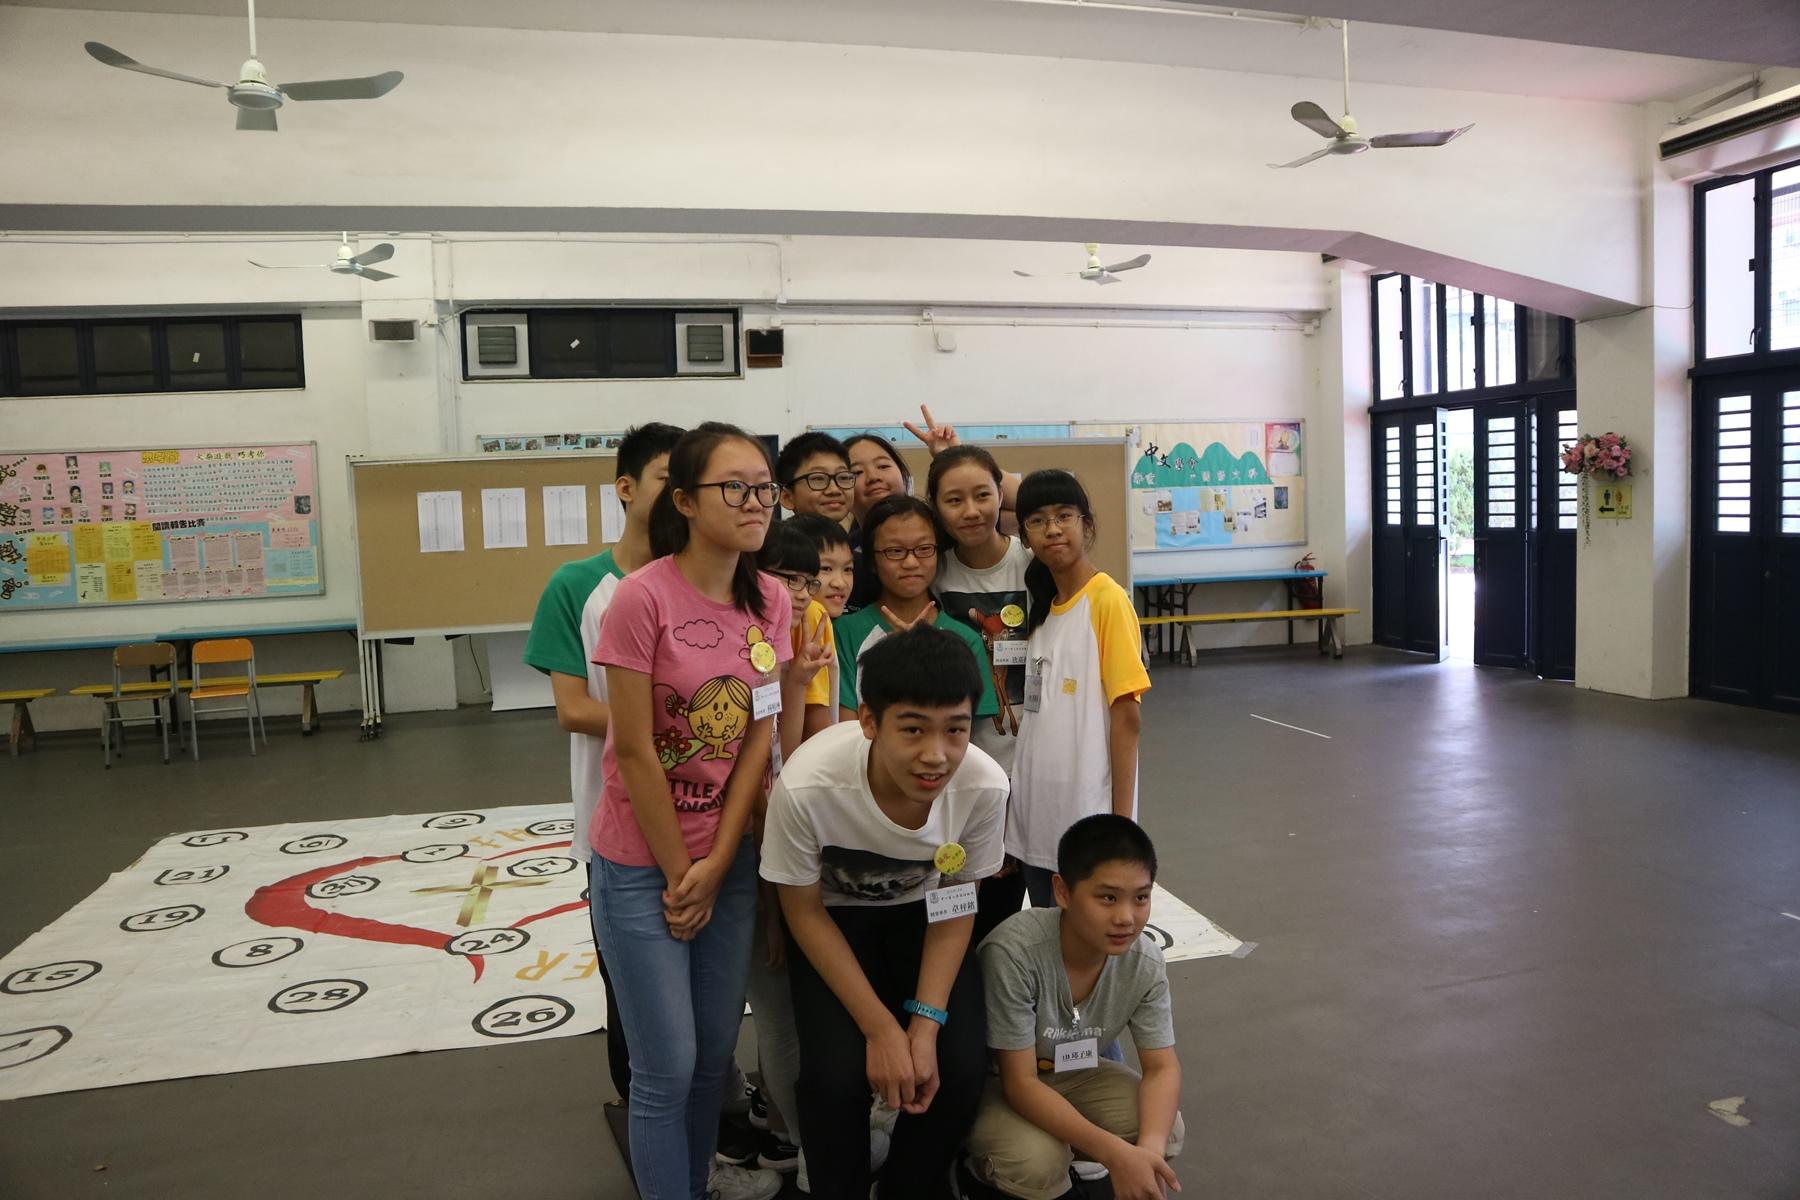 https://www.npc.edu.hk/sites/default/files/1b_li_qi_03.jpg